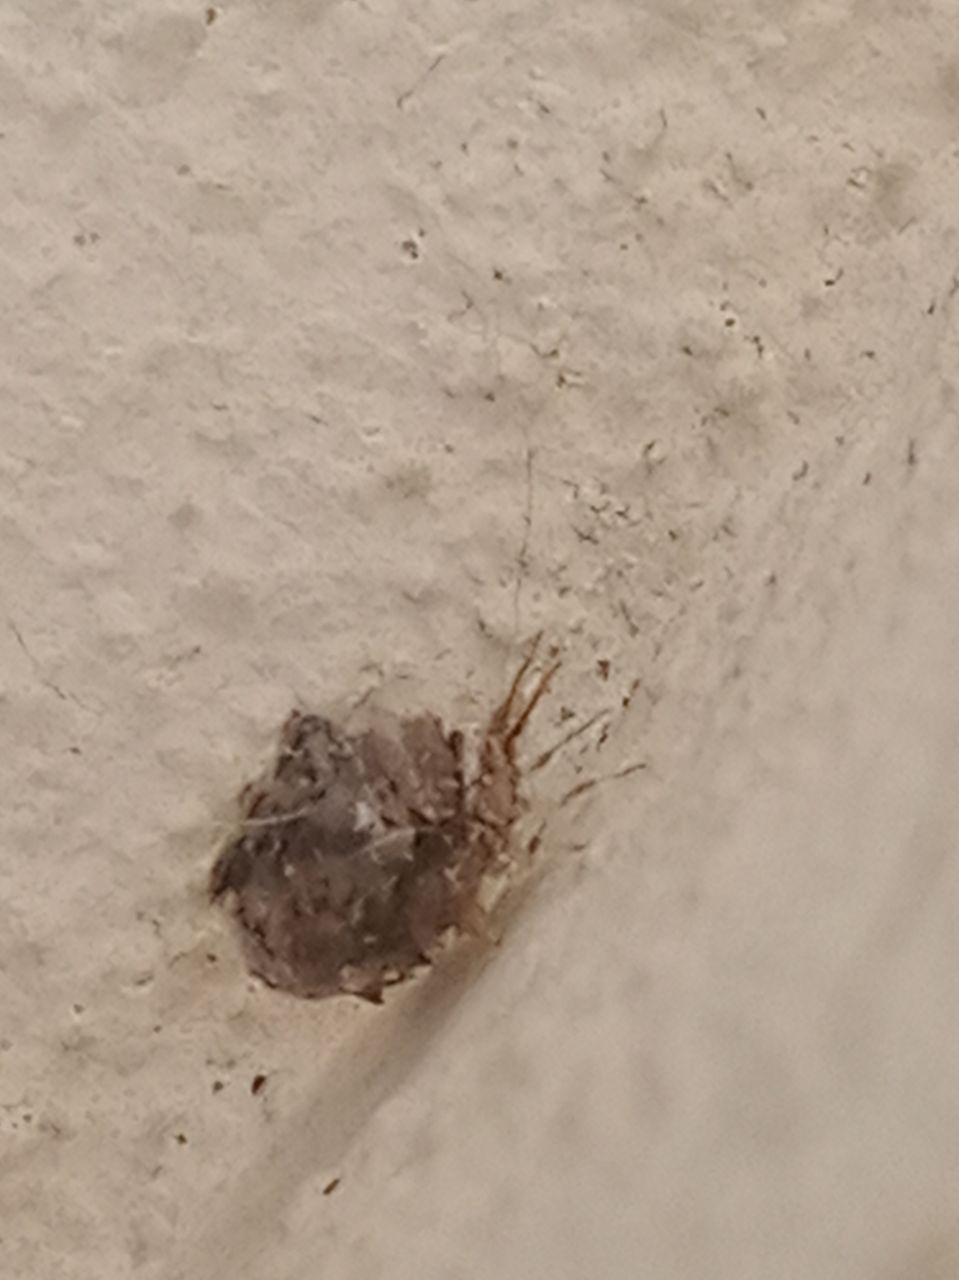 strani animaletti sul balcone: Larva di Chrysopidae: Pseudomallada sp.